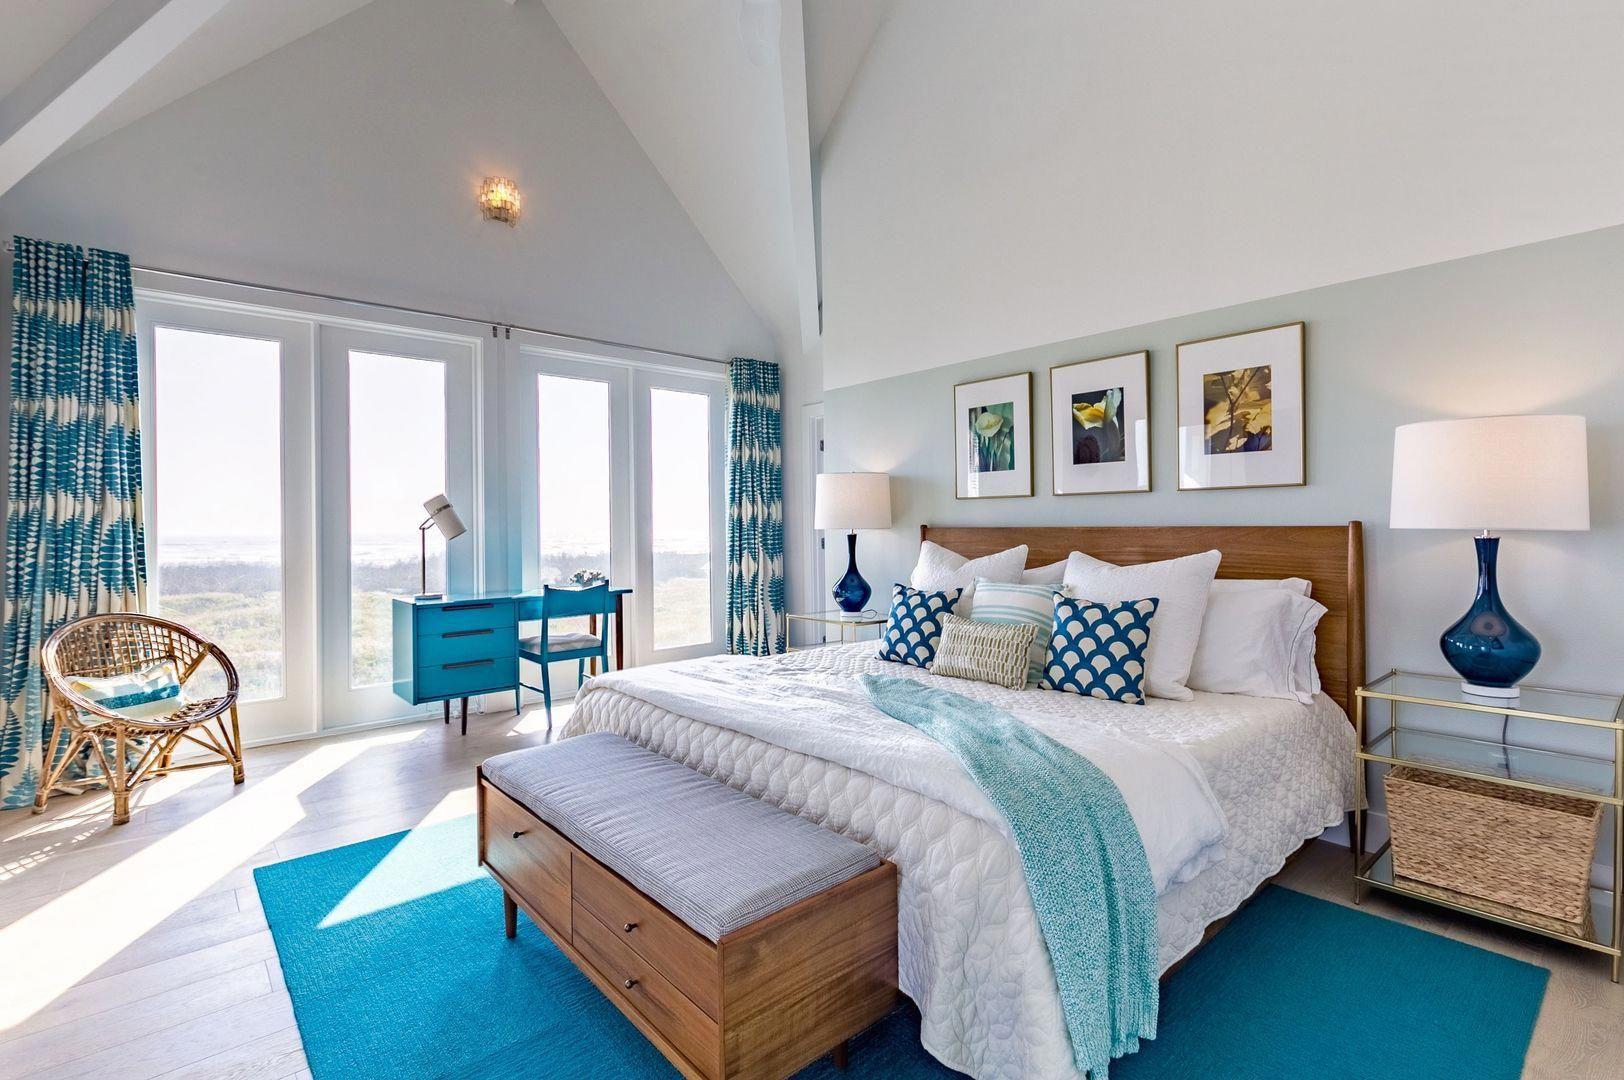 Modern Home Design Bedroom Modernhomedesign Beach House Bedroom